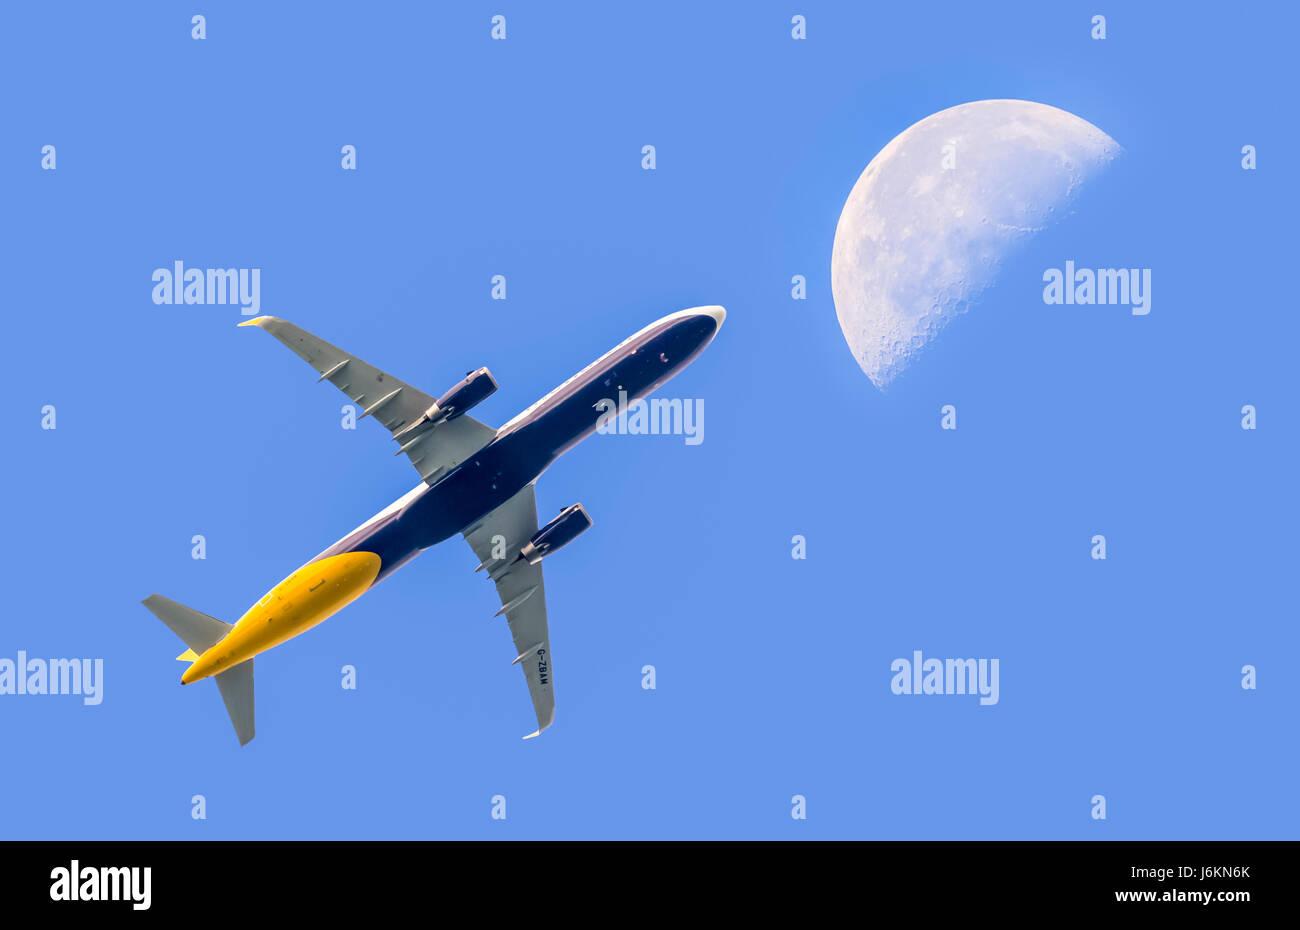 Fly me to the moon. Passenger jet airplane flying high contre ciel bleu avec la lune au loin. Les voyages aériens. Photo Stock